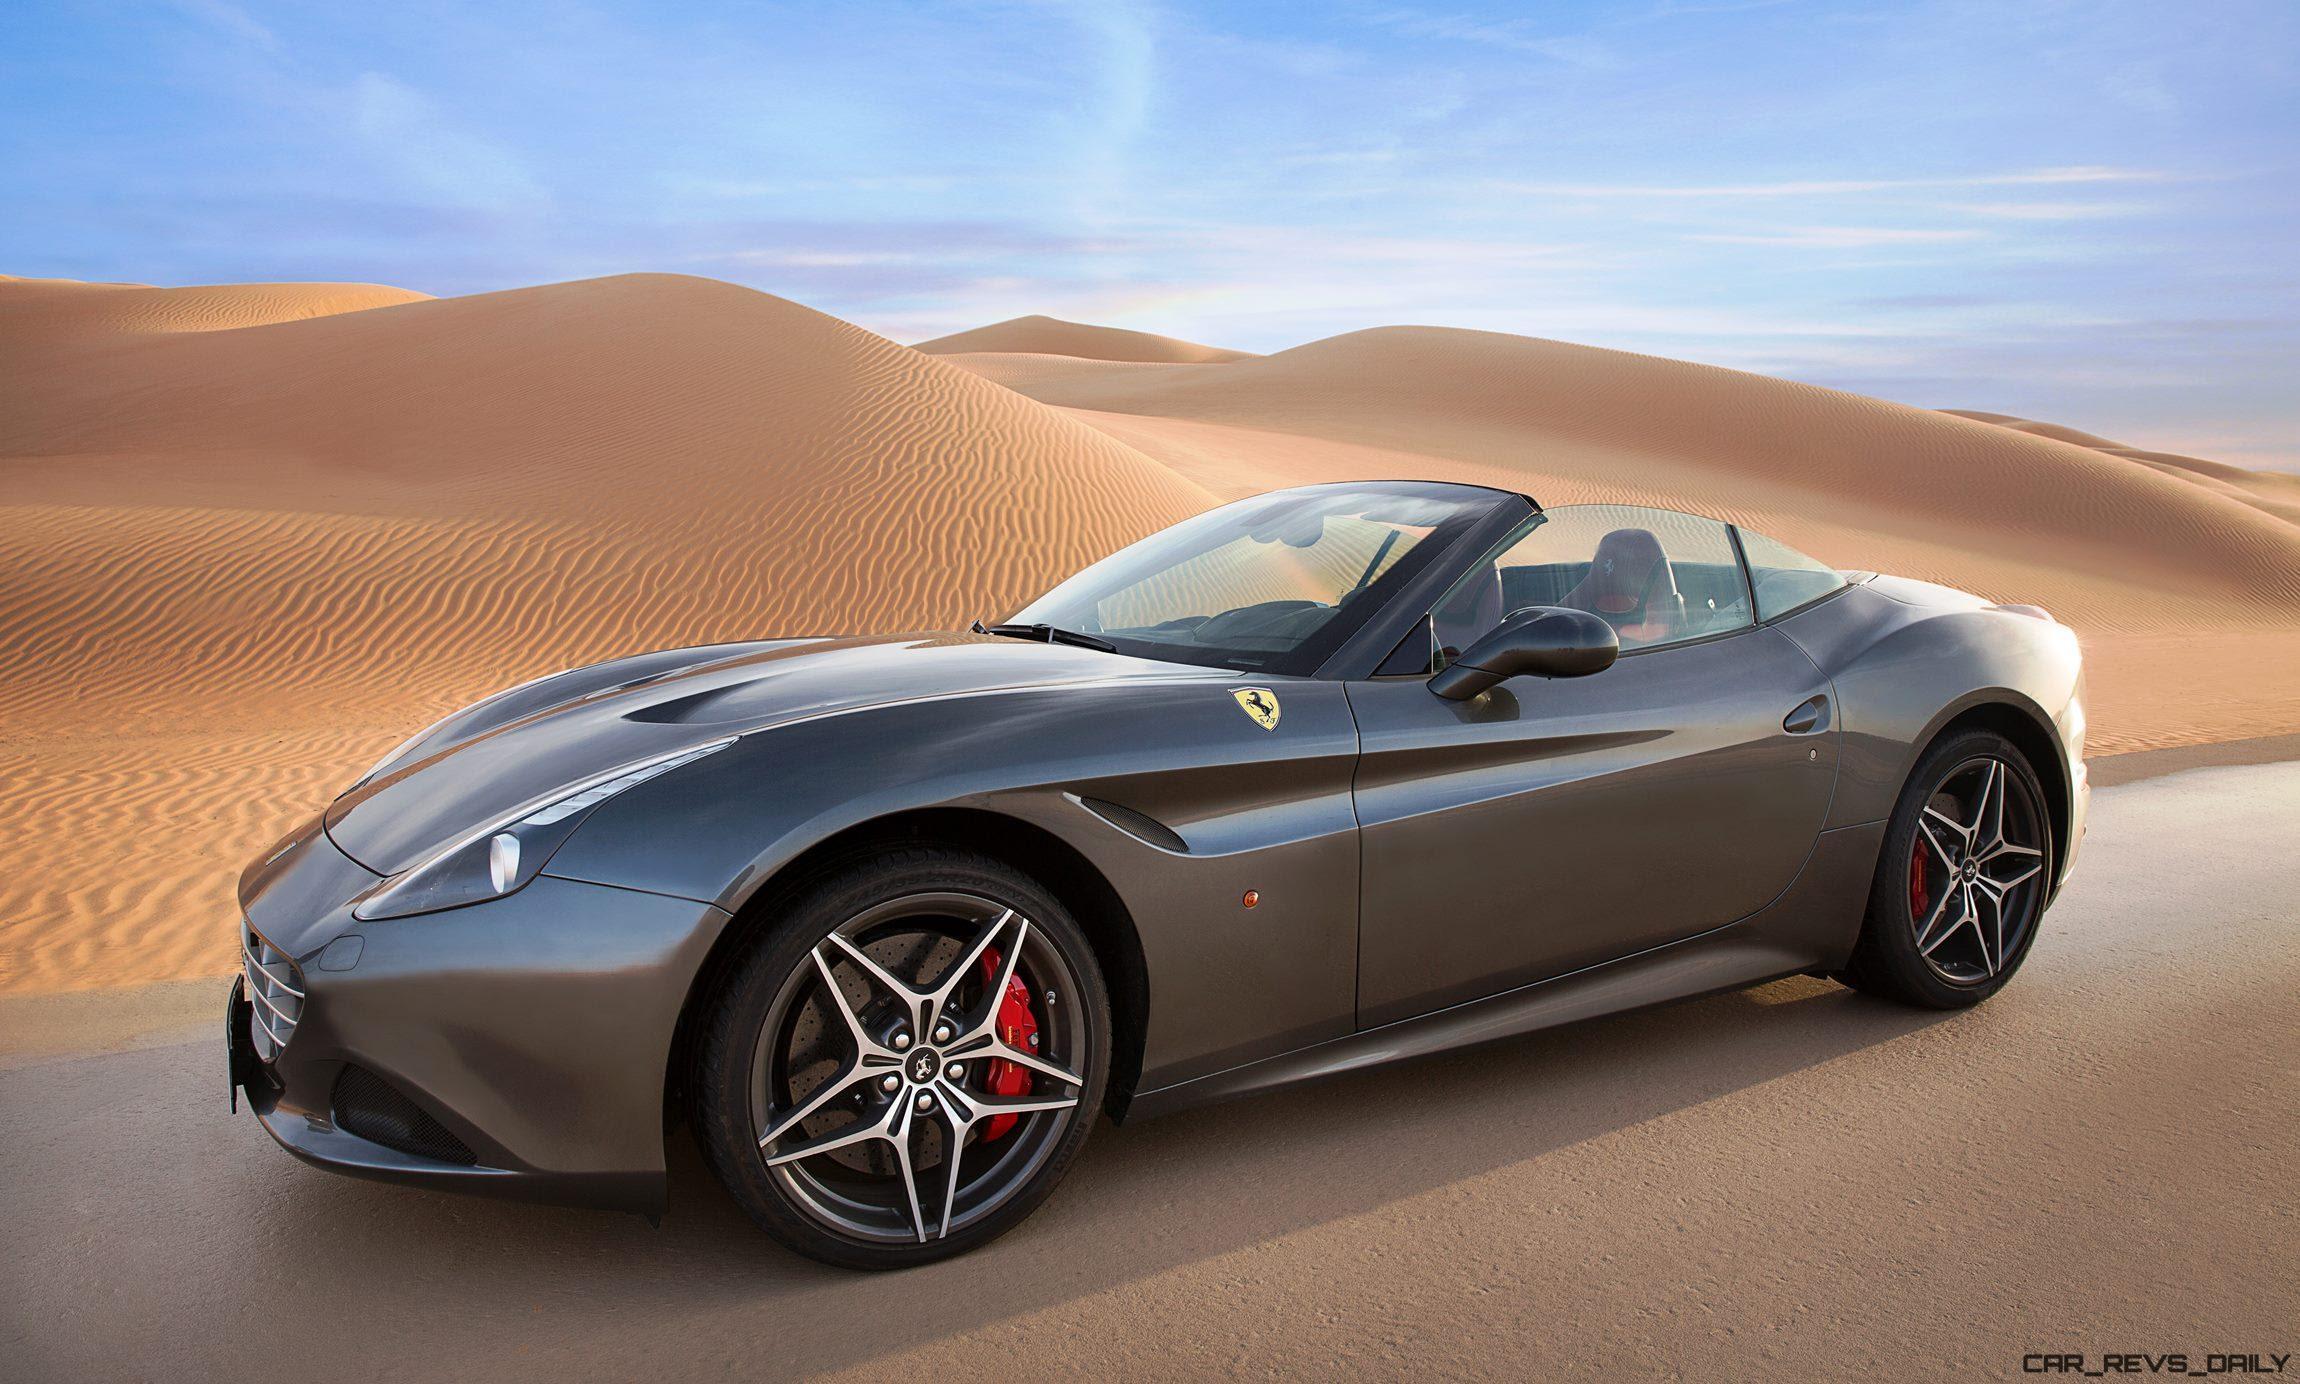 2016 Ferrari California T - Deserto Rosso